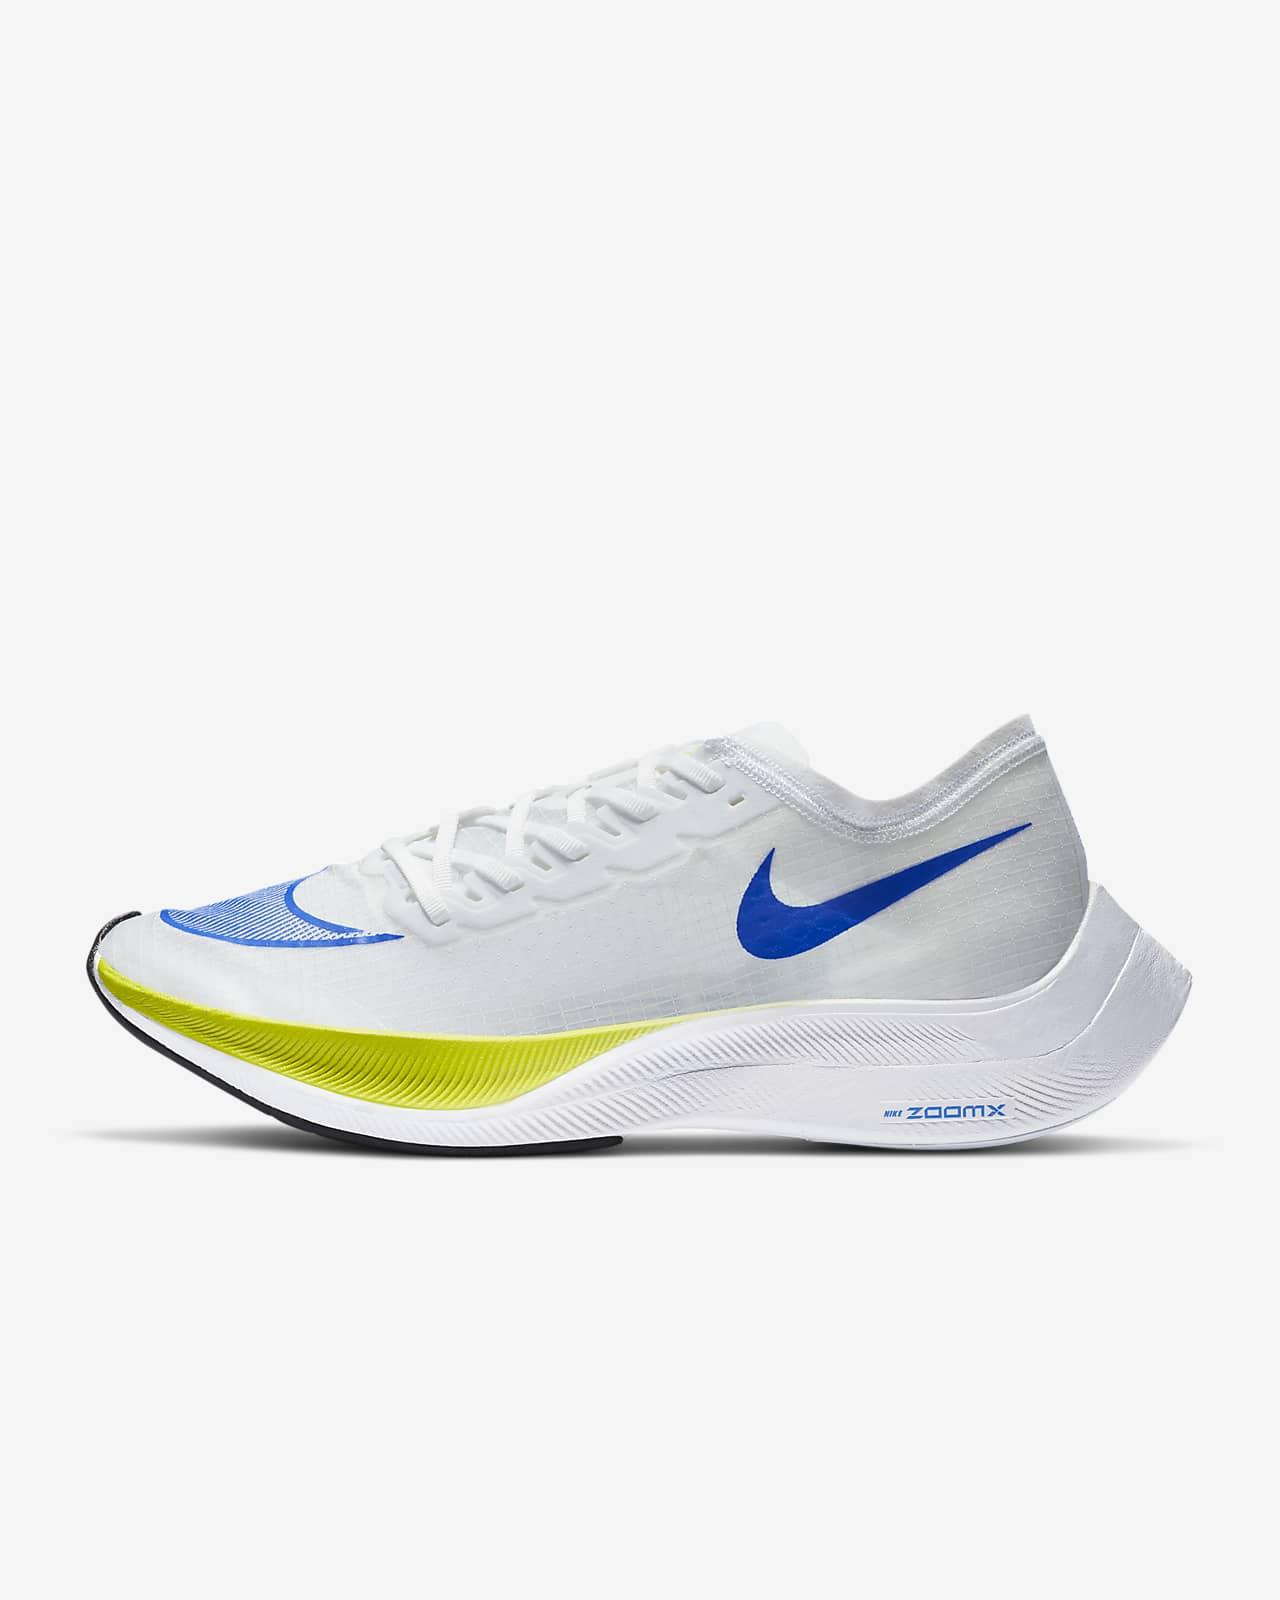 Buty do biegania Nike ZoomX Vaporfly NEXT%